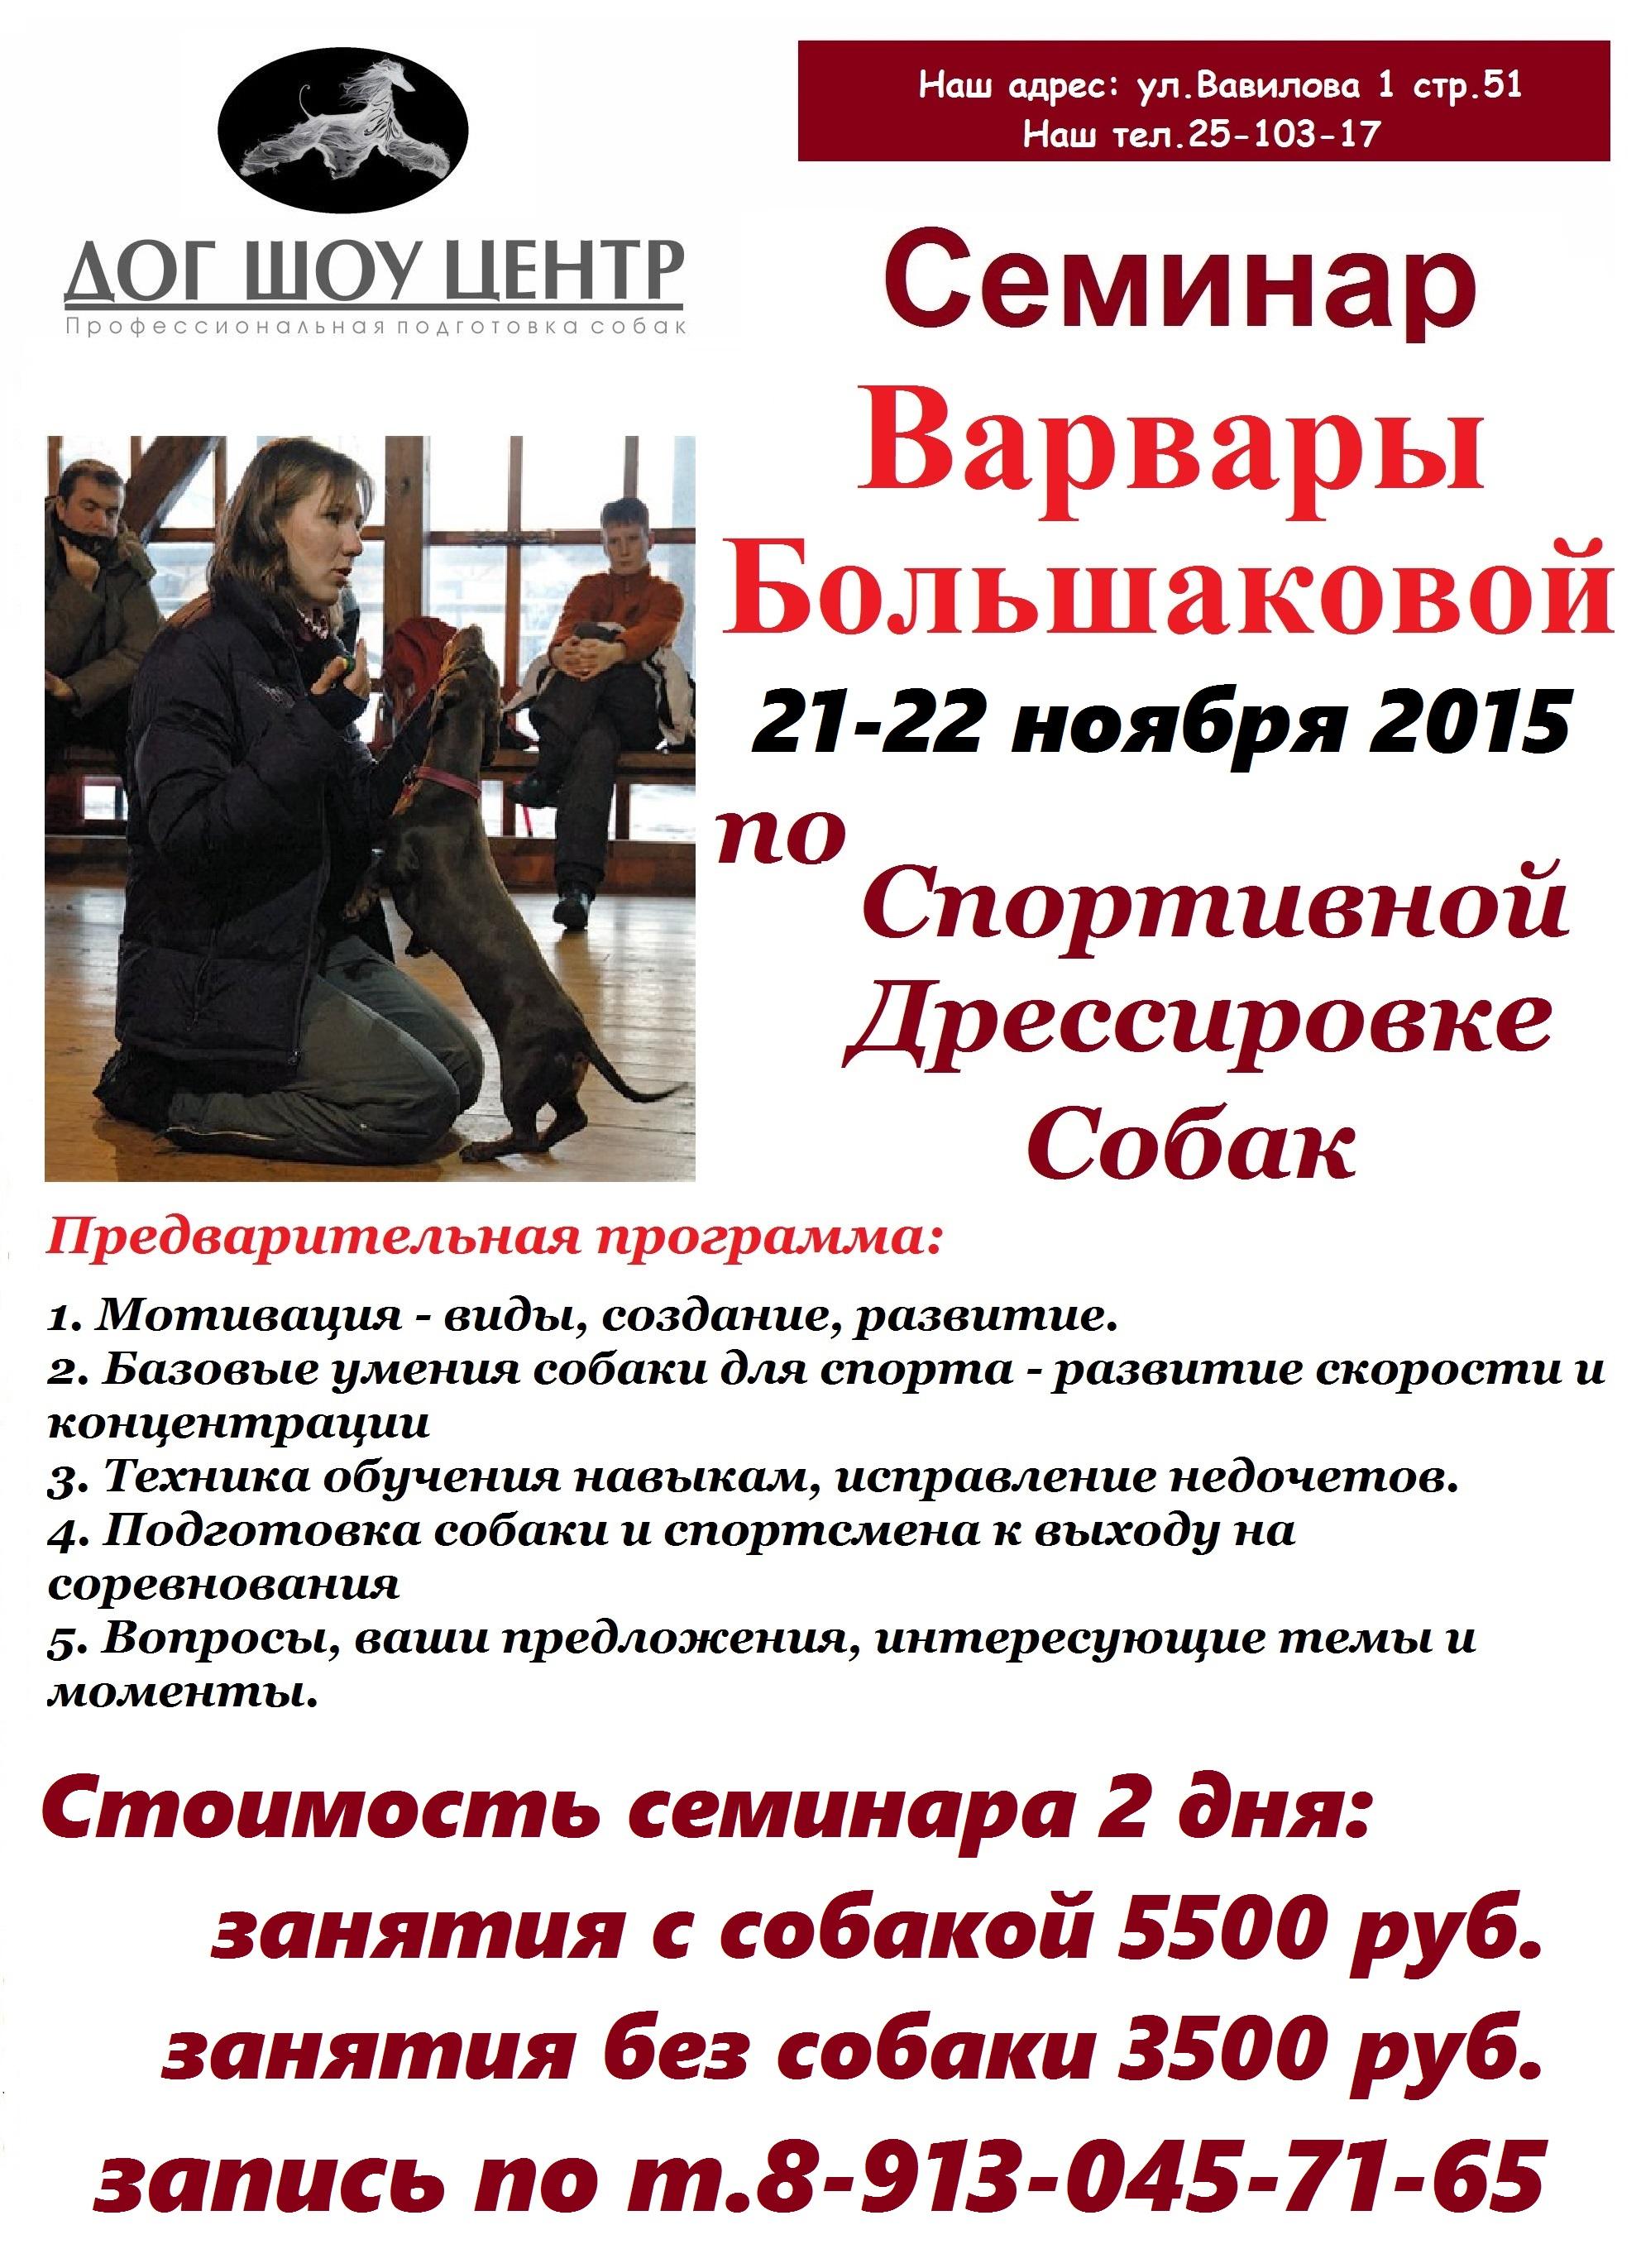 http://s6.uploads.ru/Oi3z5.jpg